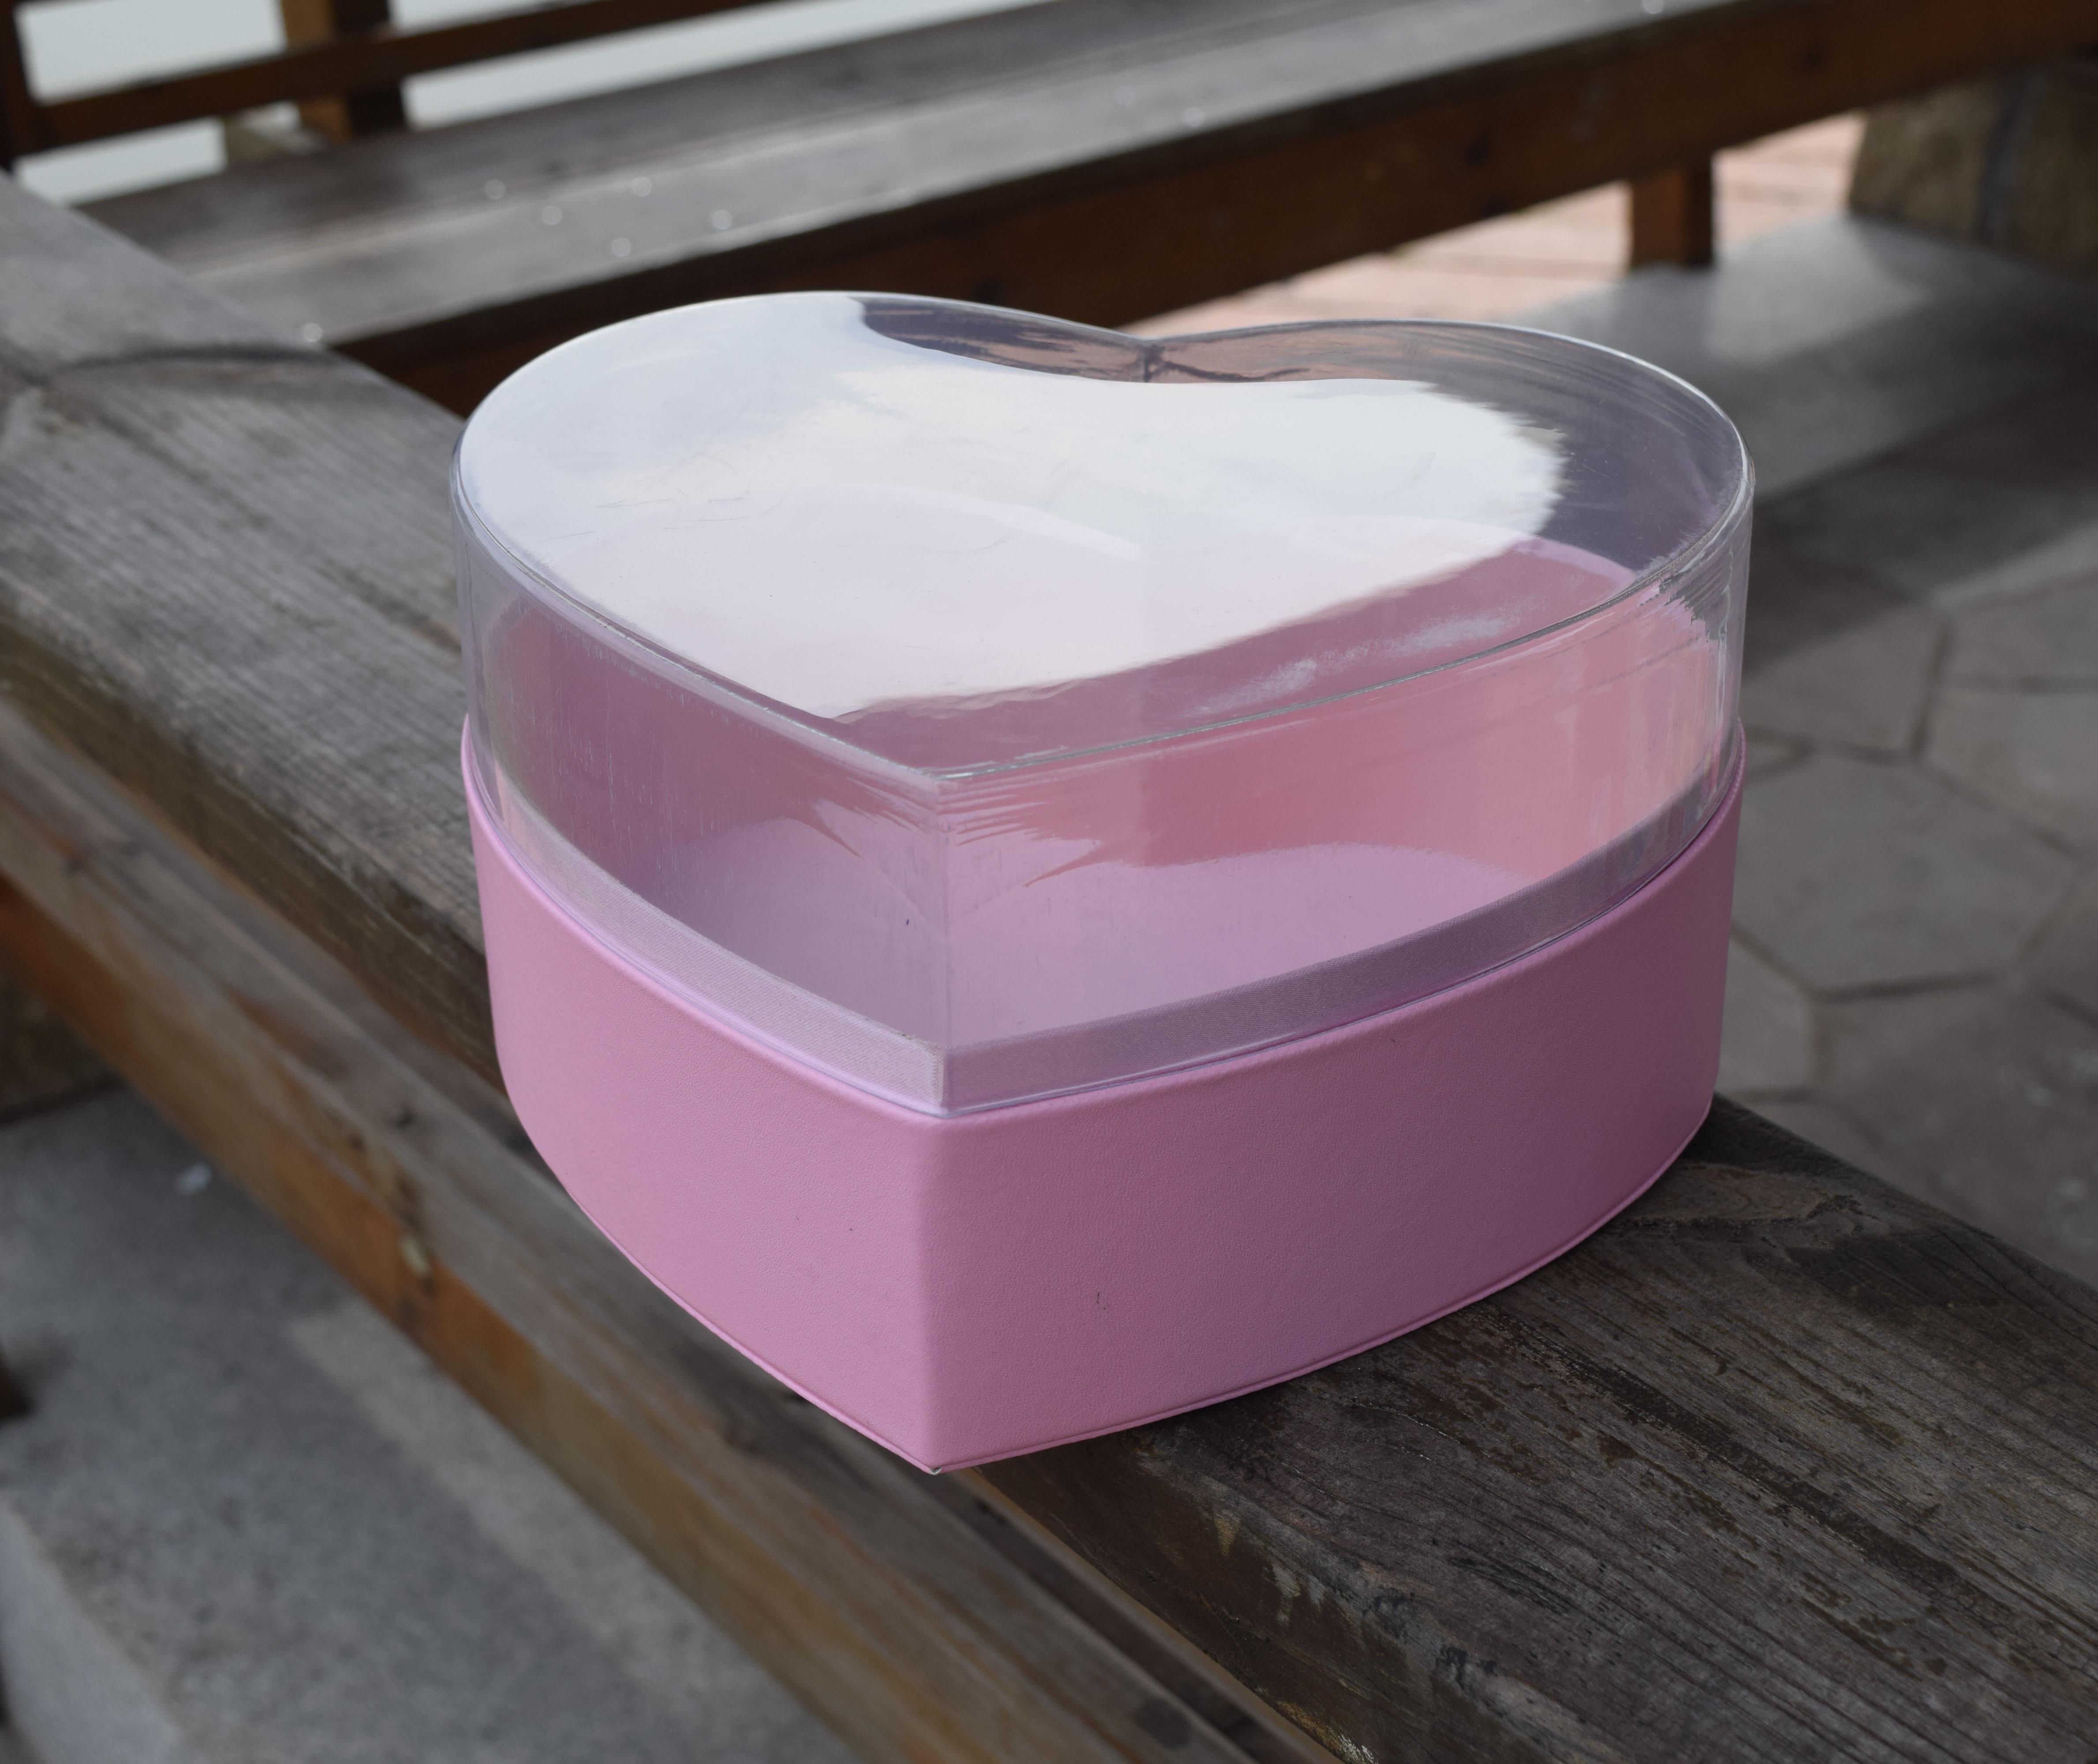 kritje srčkastih korteks pregleden za valentinovo darilo nesmrtnosti cvet škatle vsebujejo škatle, škatle na debelo